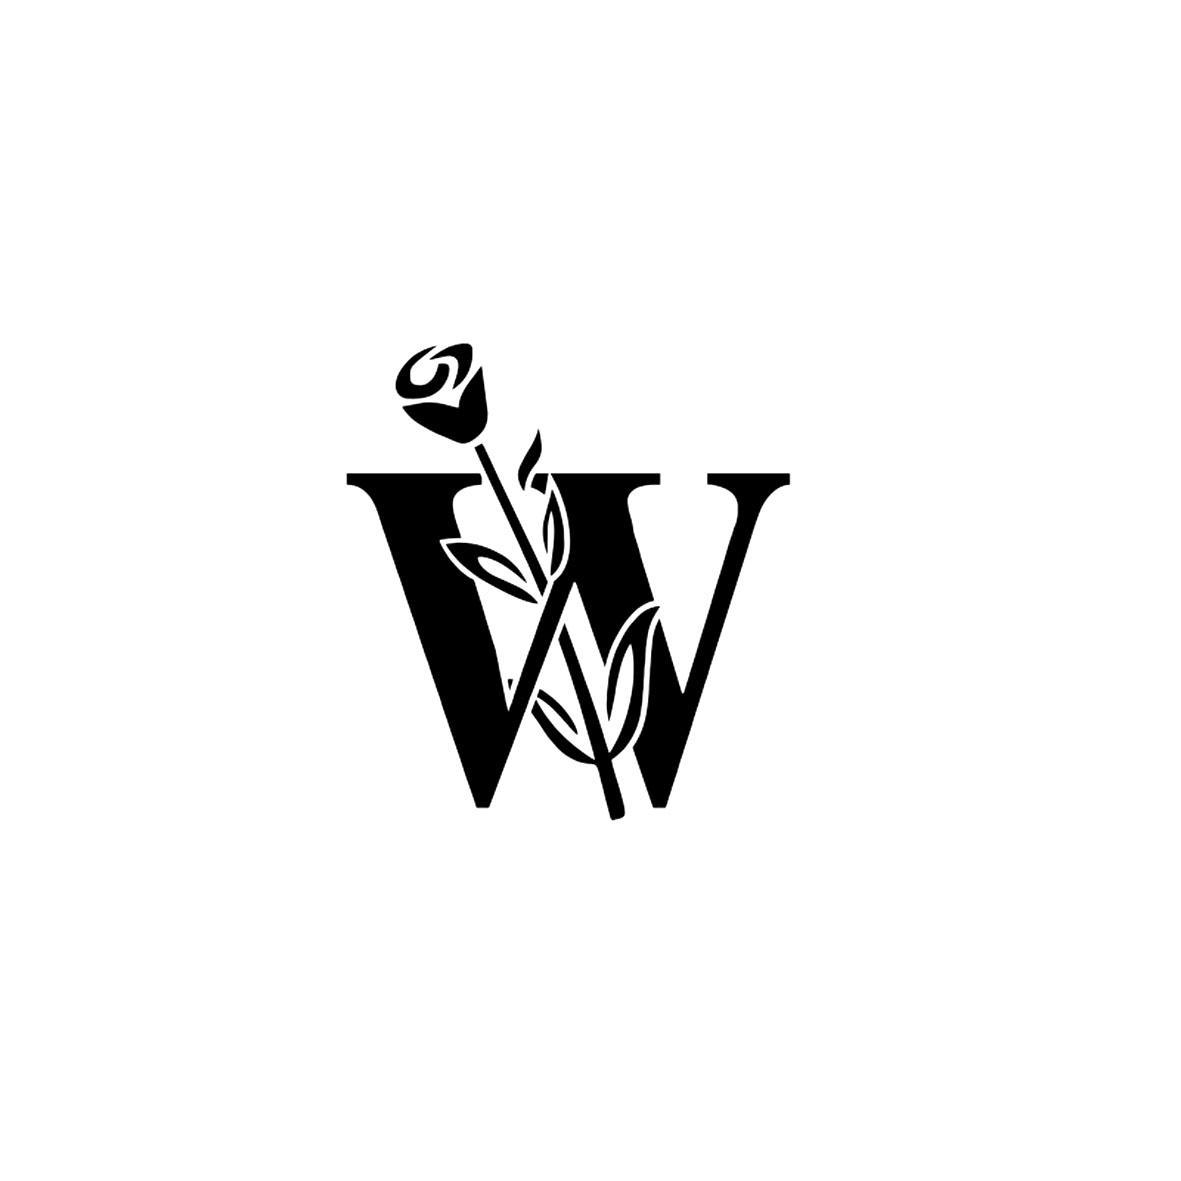 18类-箱包皮具W商标转让